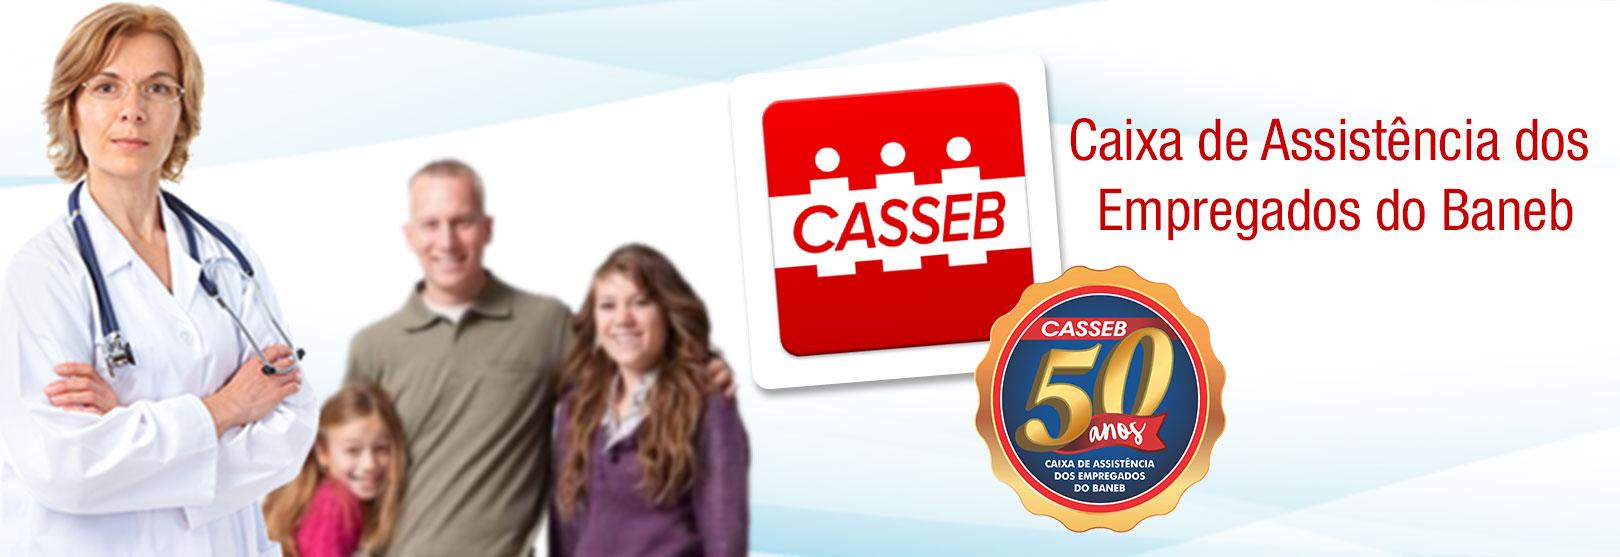 Banner 50 anos Casseb